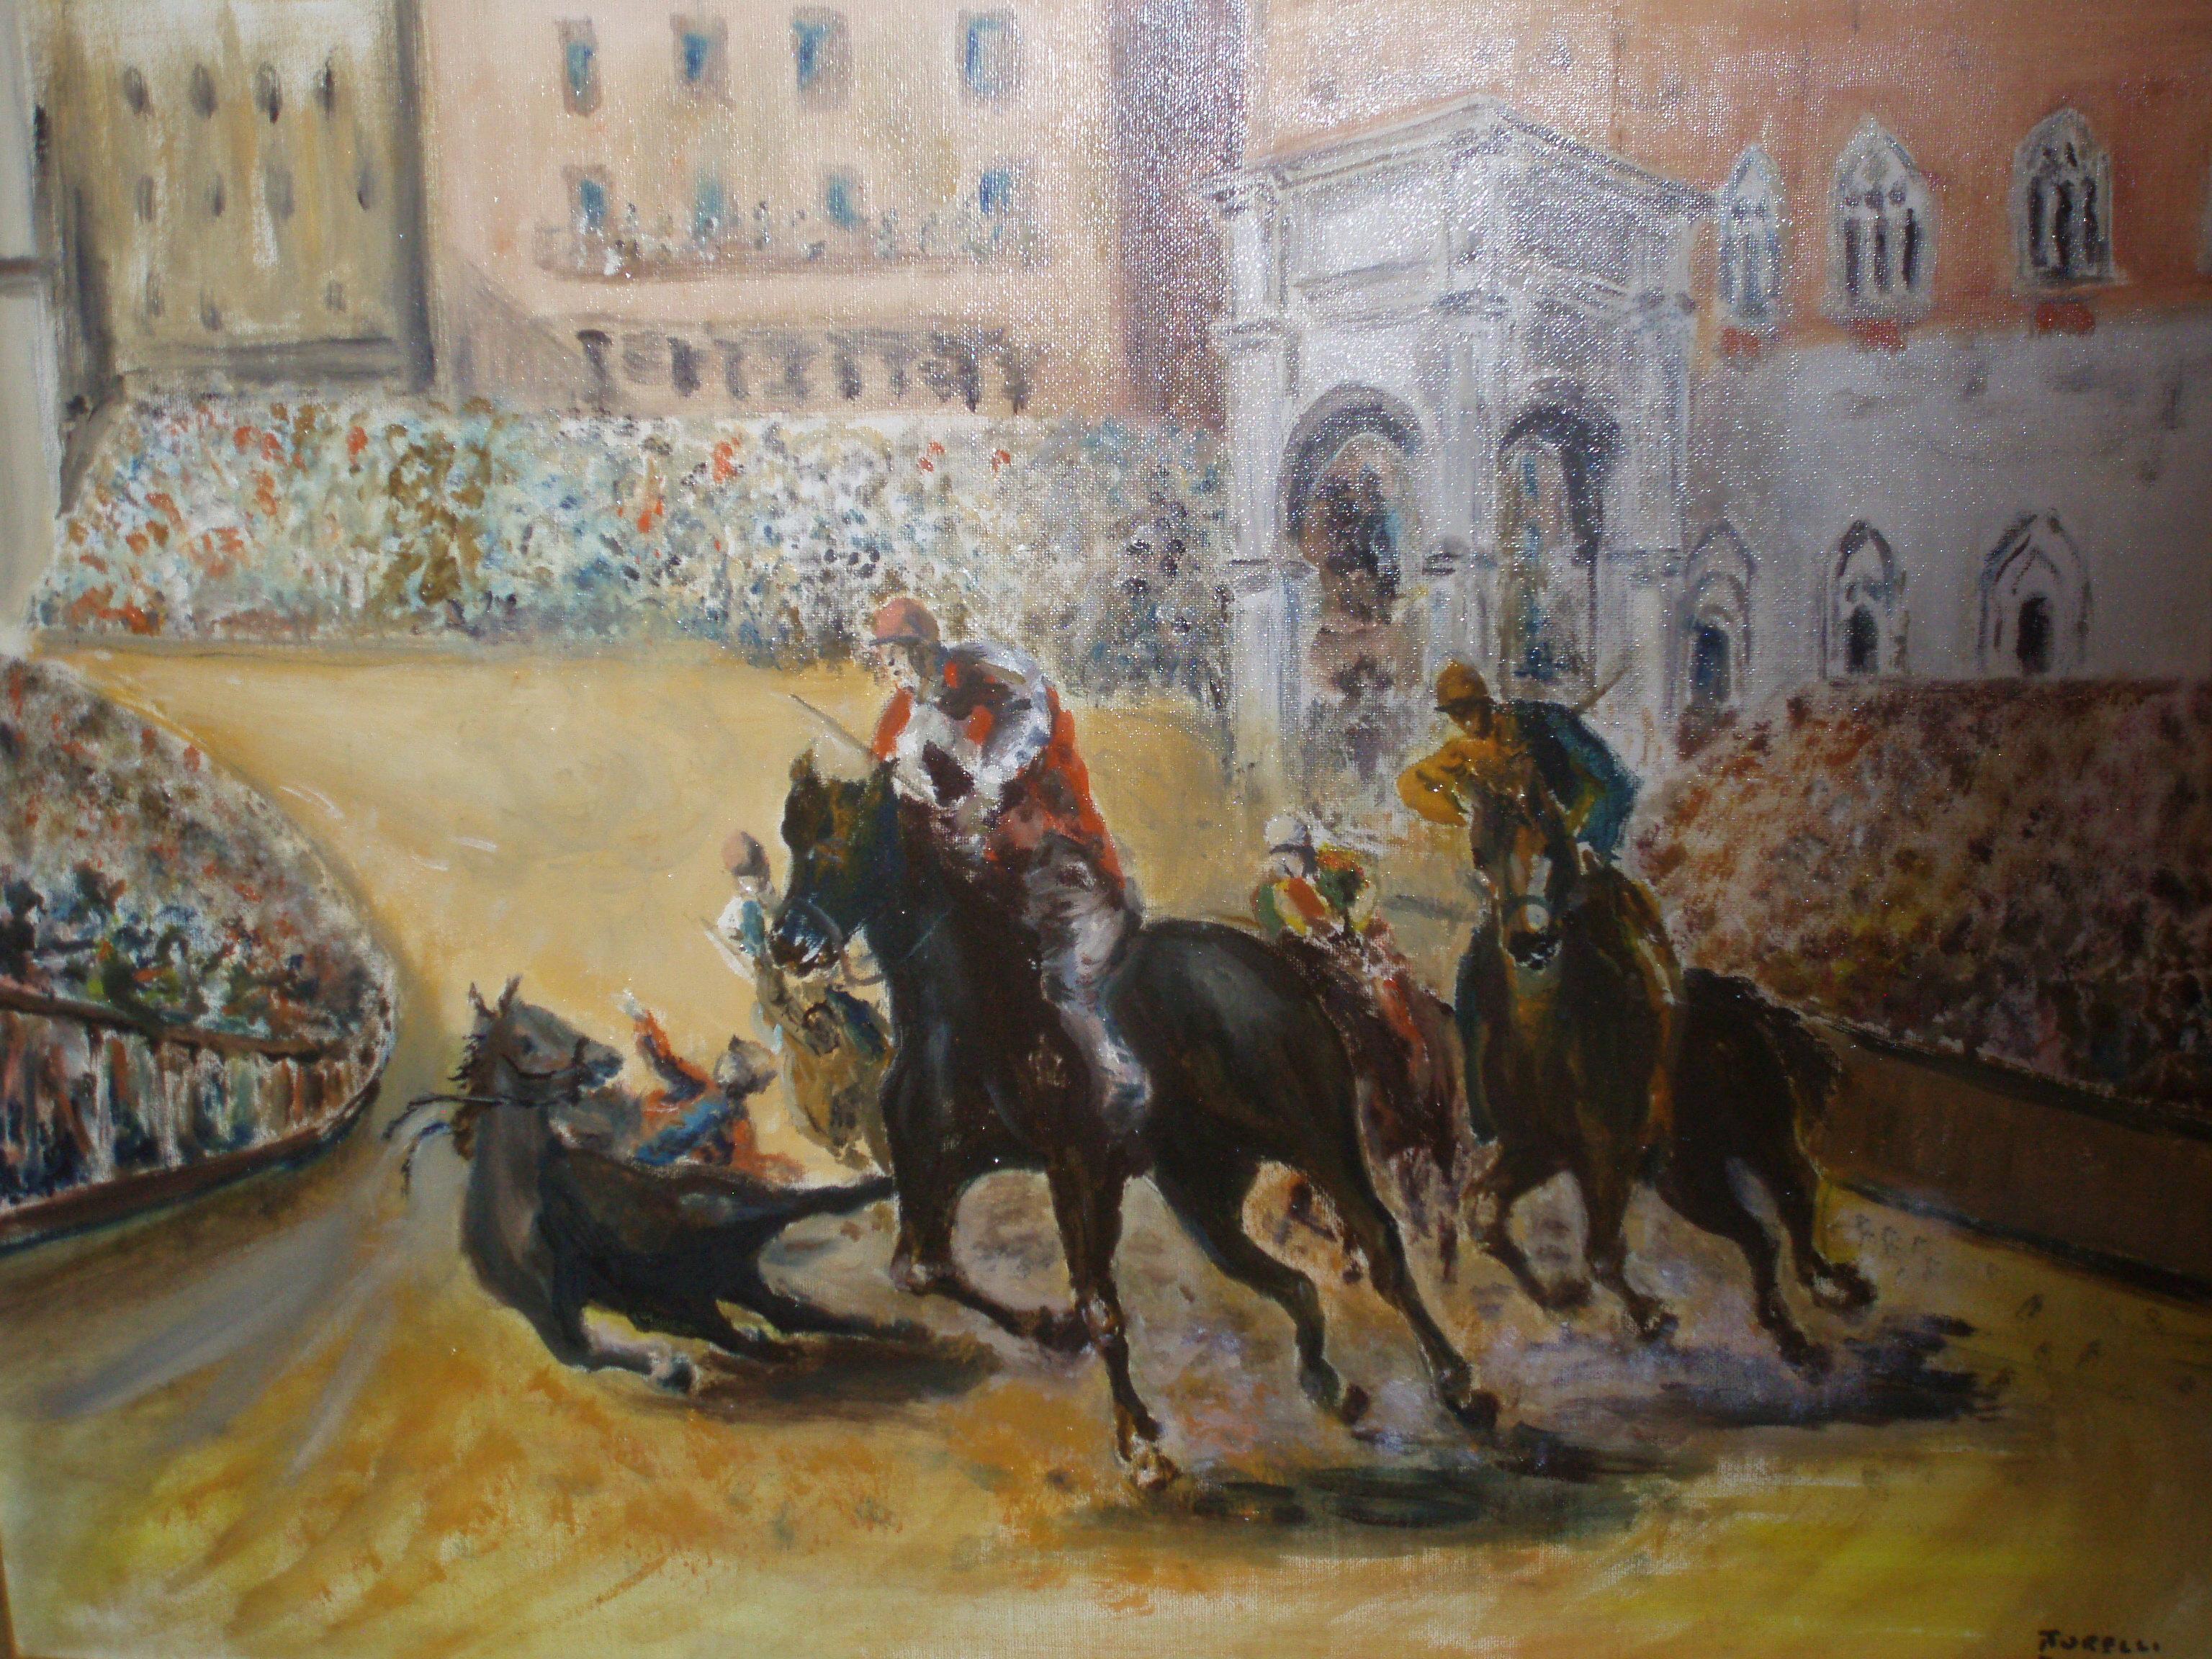 Dipinto di Luciano Torelli a'Voce Agli Artisti' 30.10.2011-Alice Castello